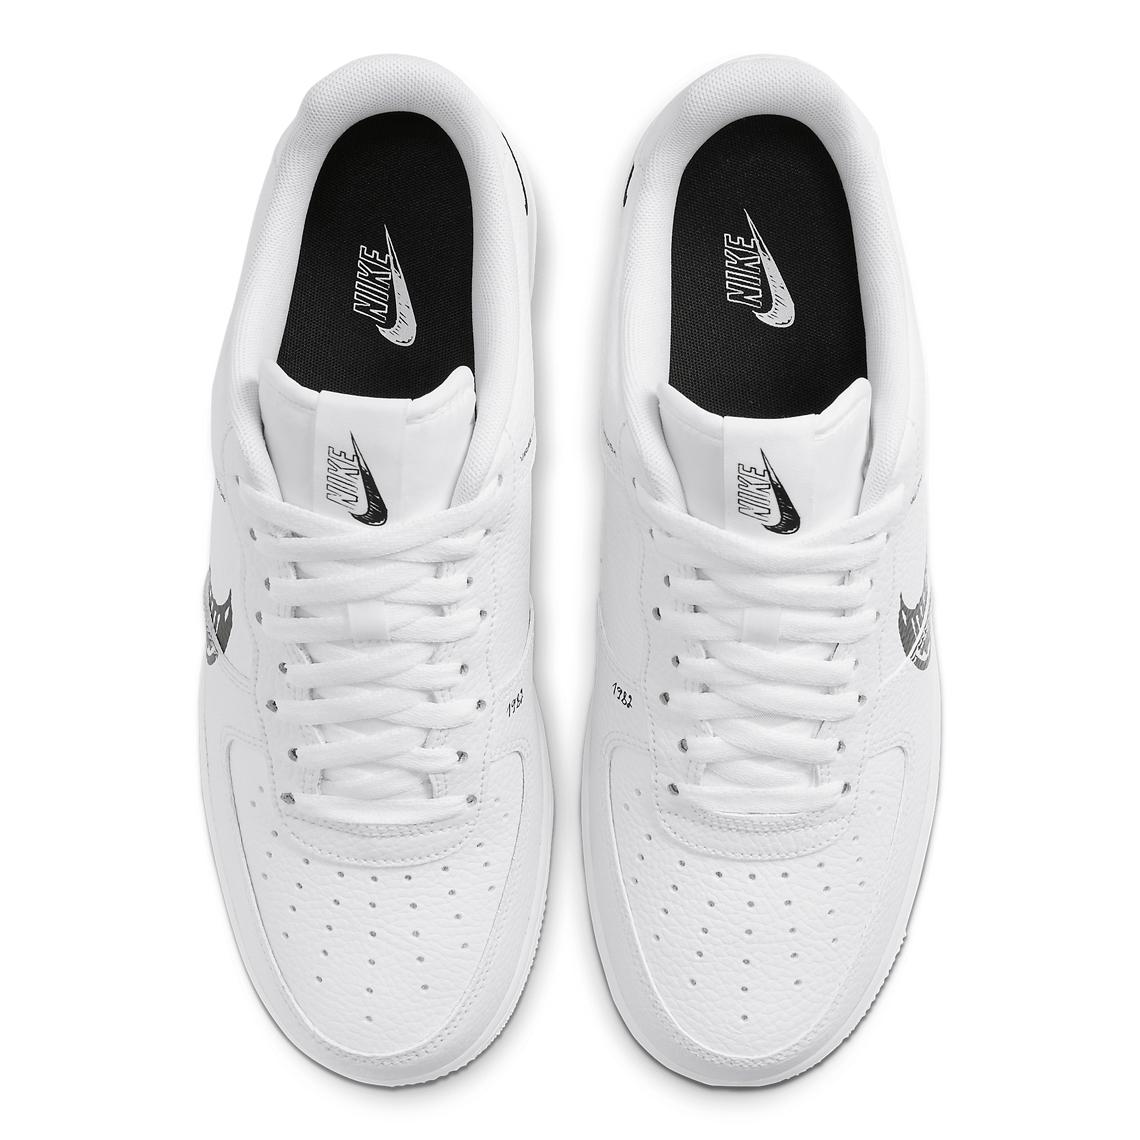 Nike Air Force 1 Low Sketch Pack Noir CW7581 101 Crumpe